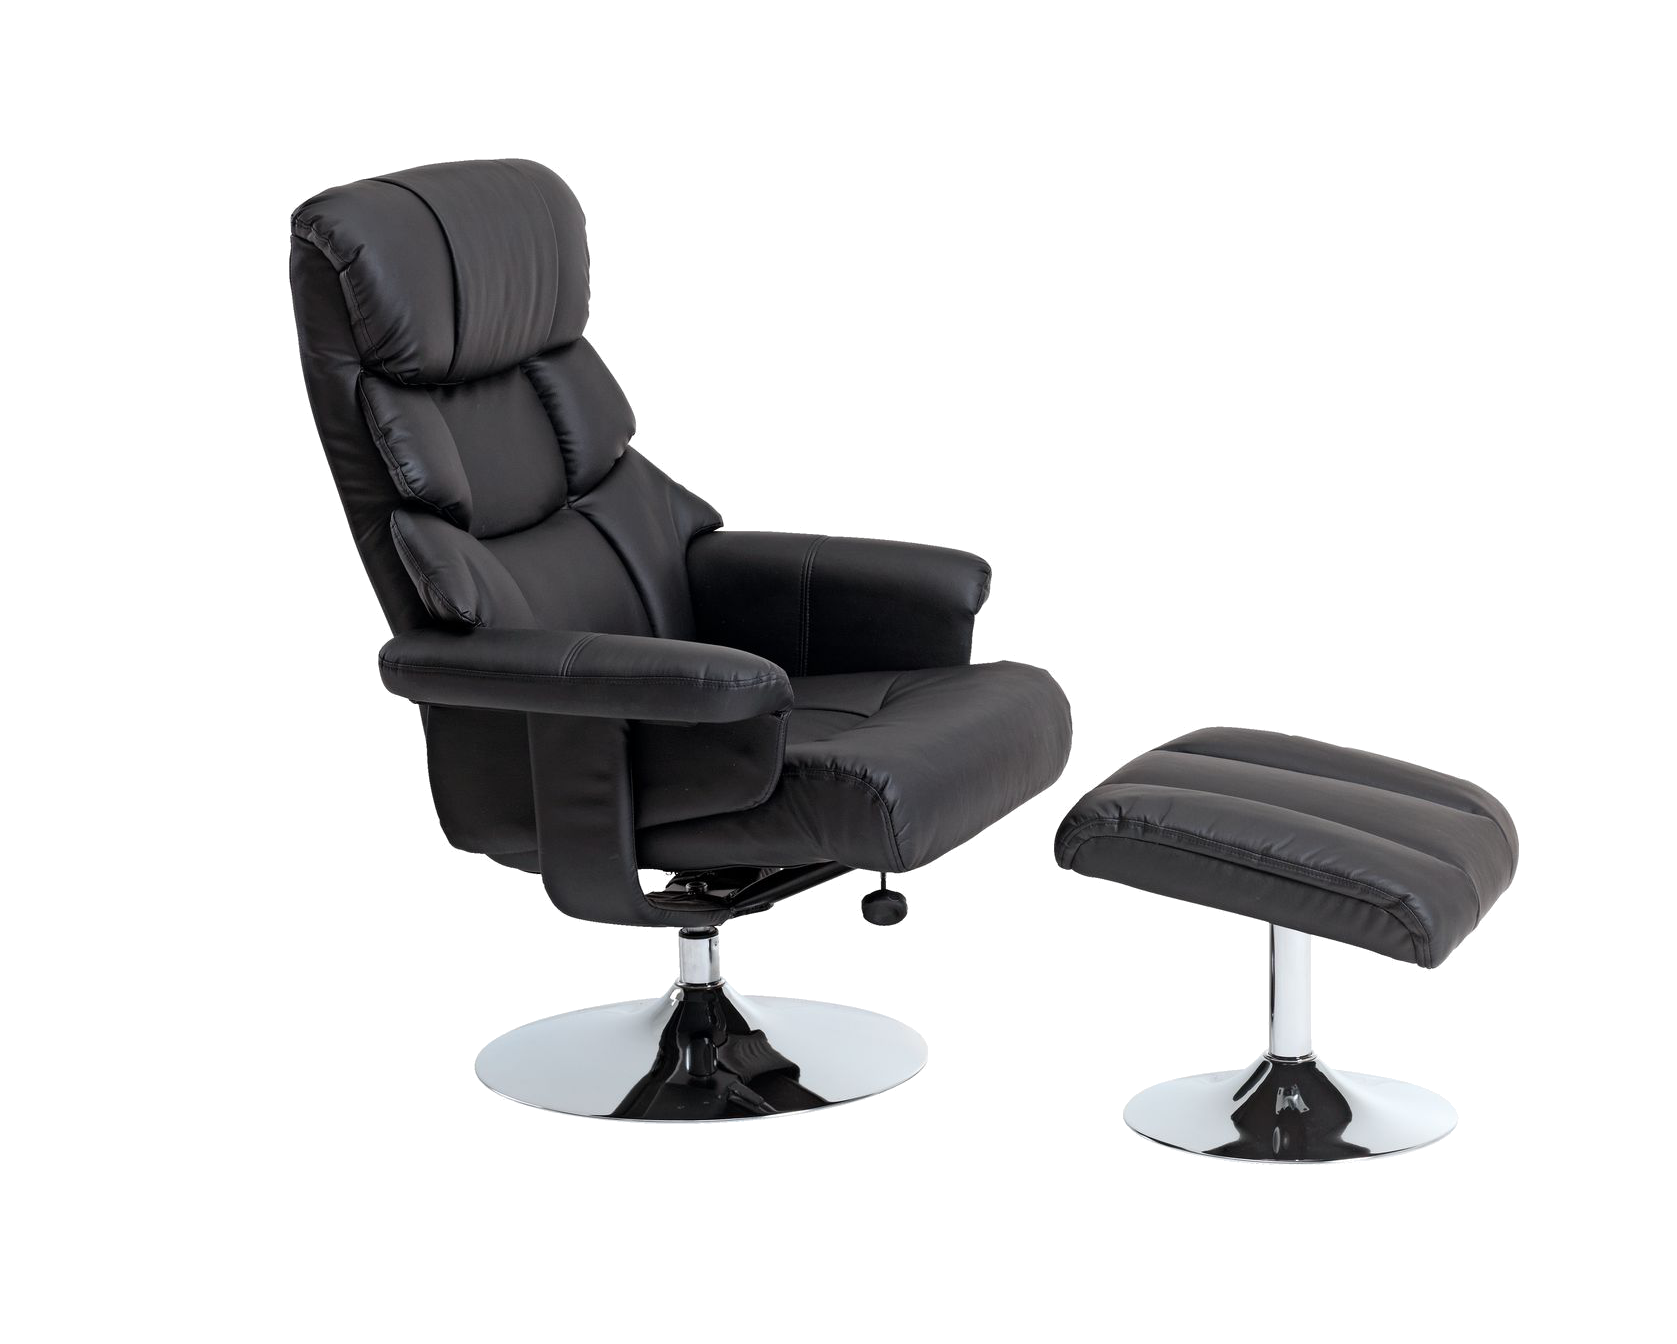 Картинки по запросу кресла и подставка под ноги ПНГ